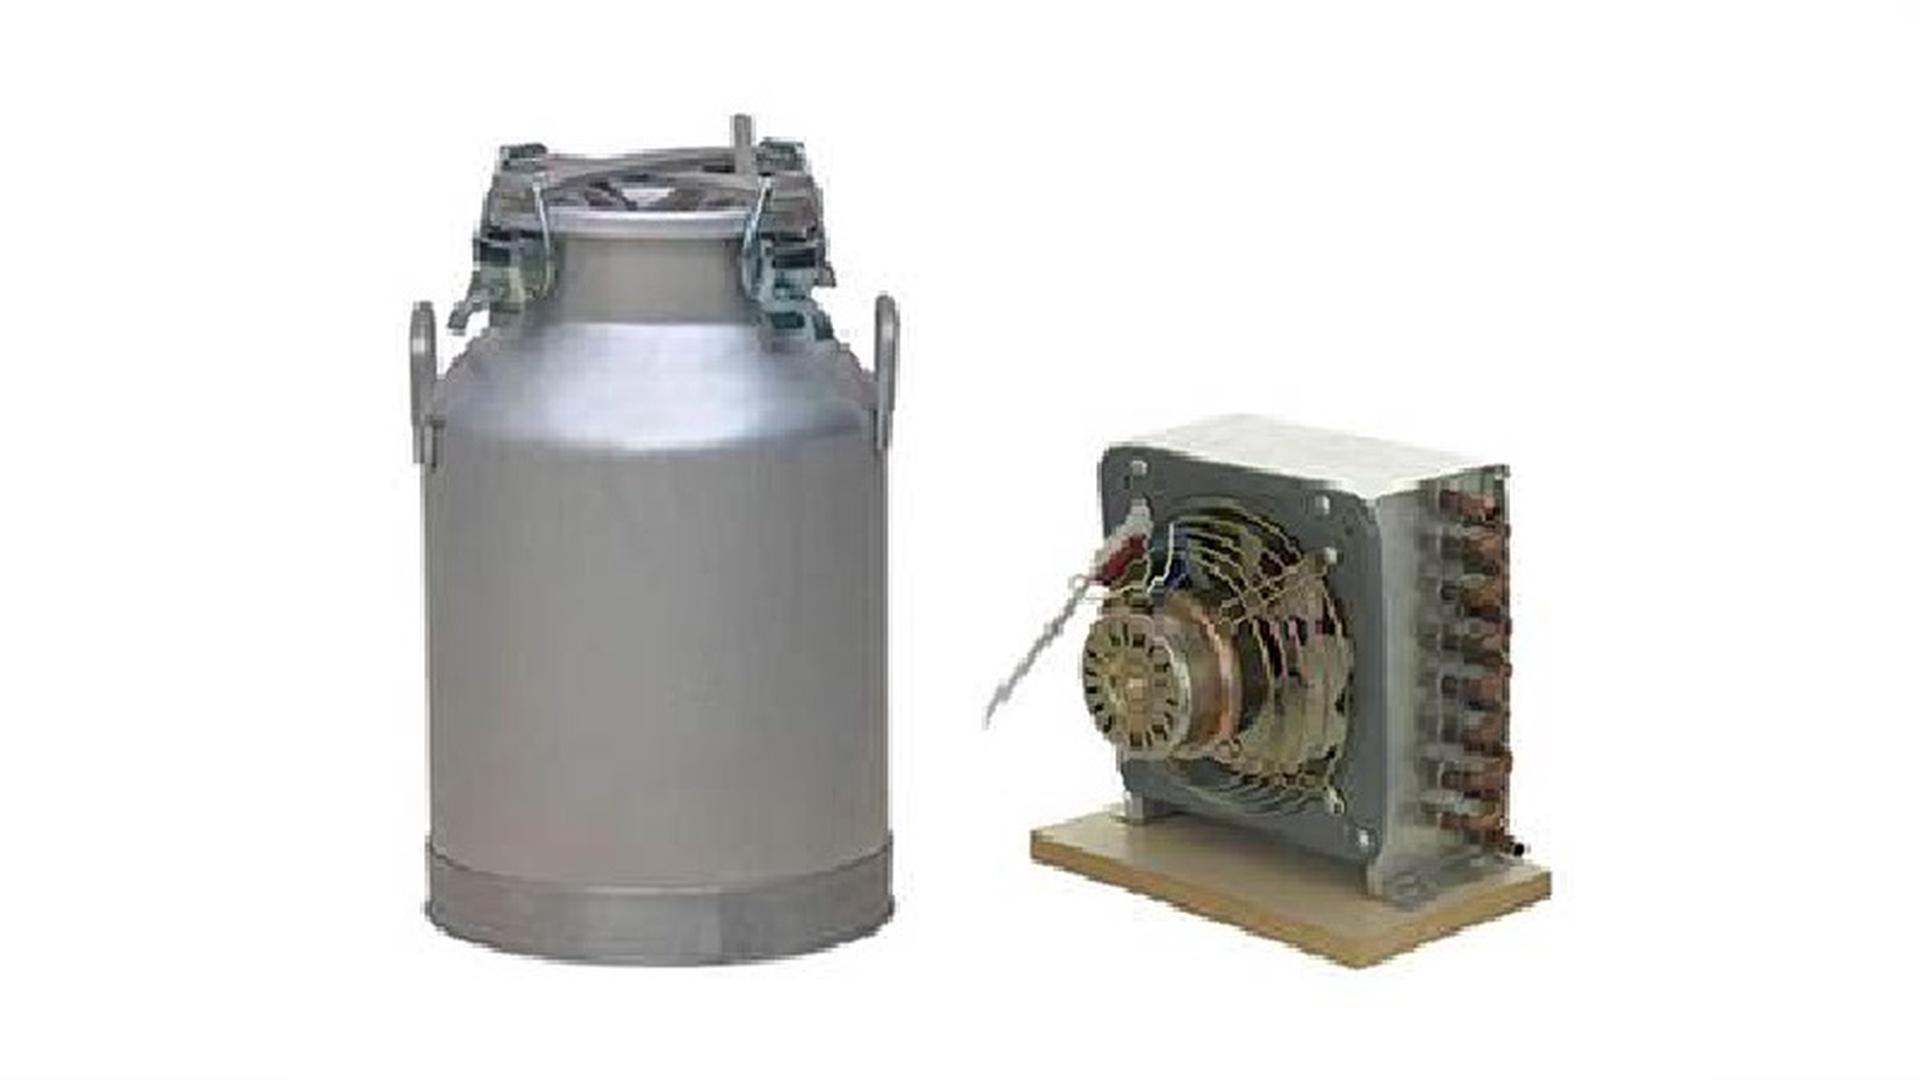 دستگاه تقطیر 100 لیتری 4 چفت با کندانسور سایز 6 به همراه سه راهی برنجی مدل 22294